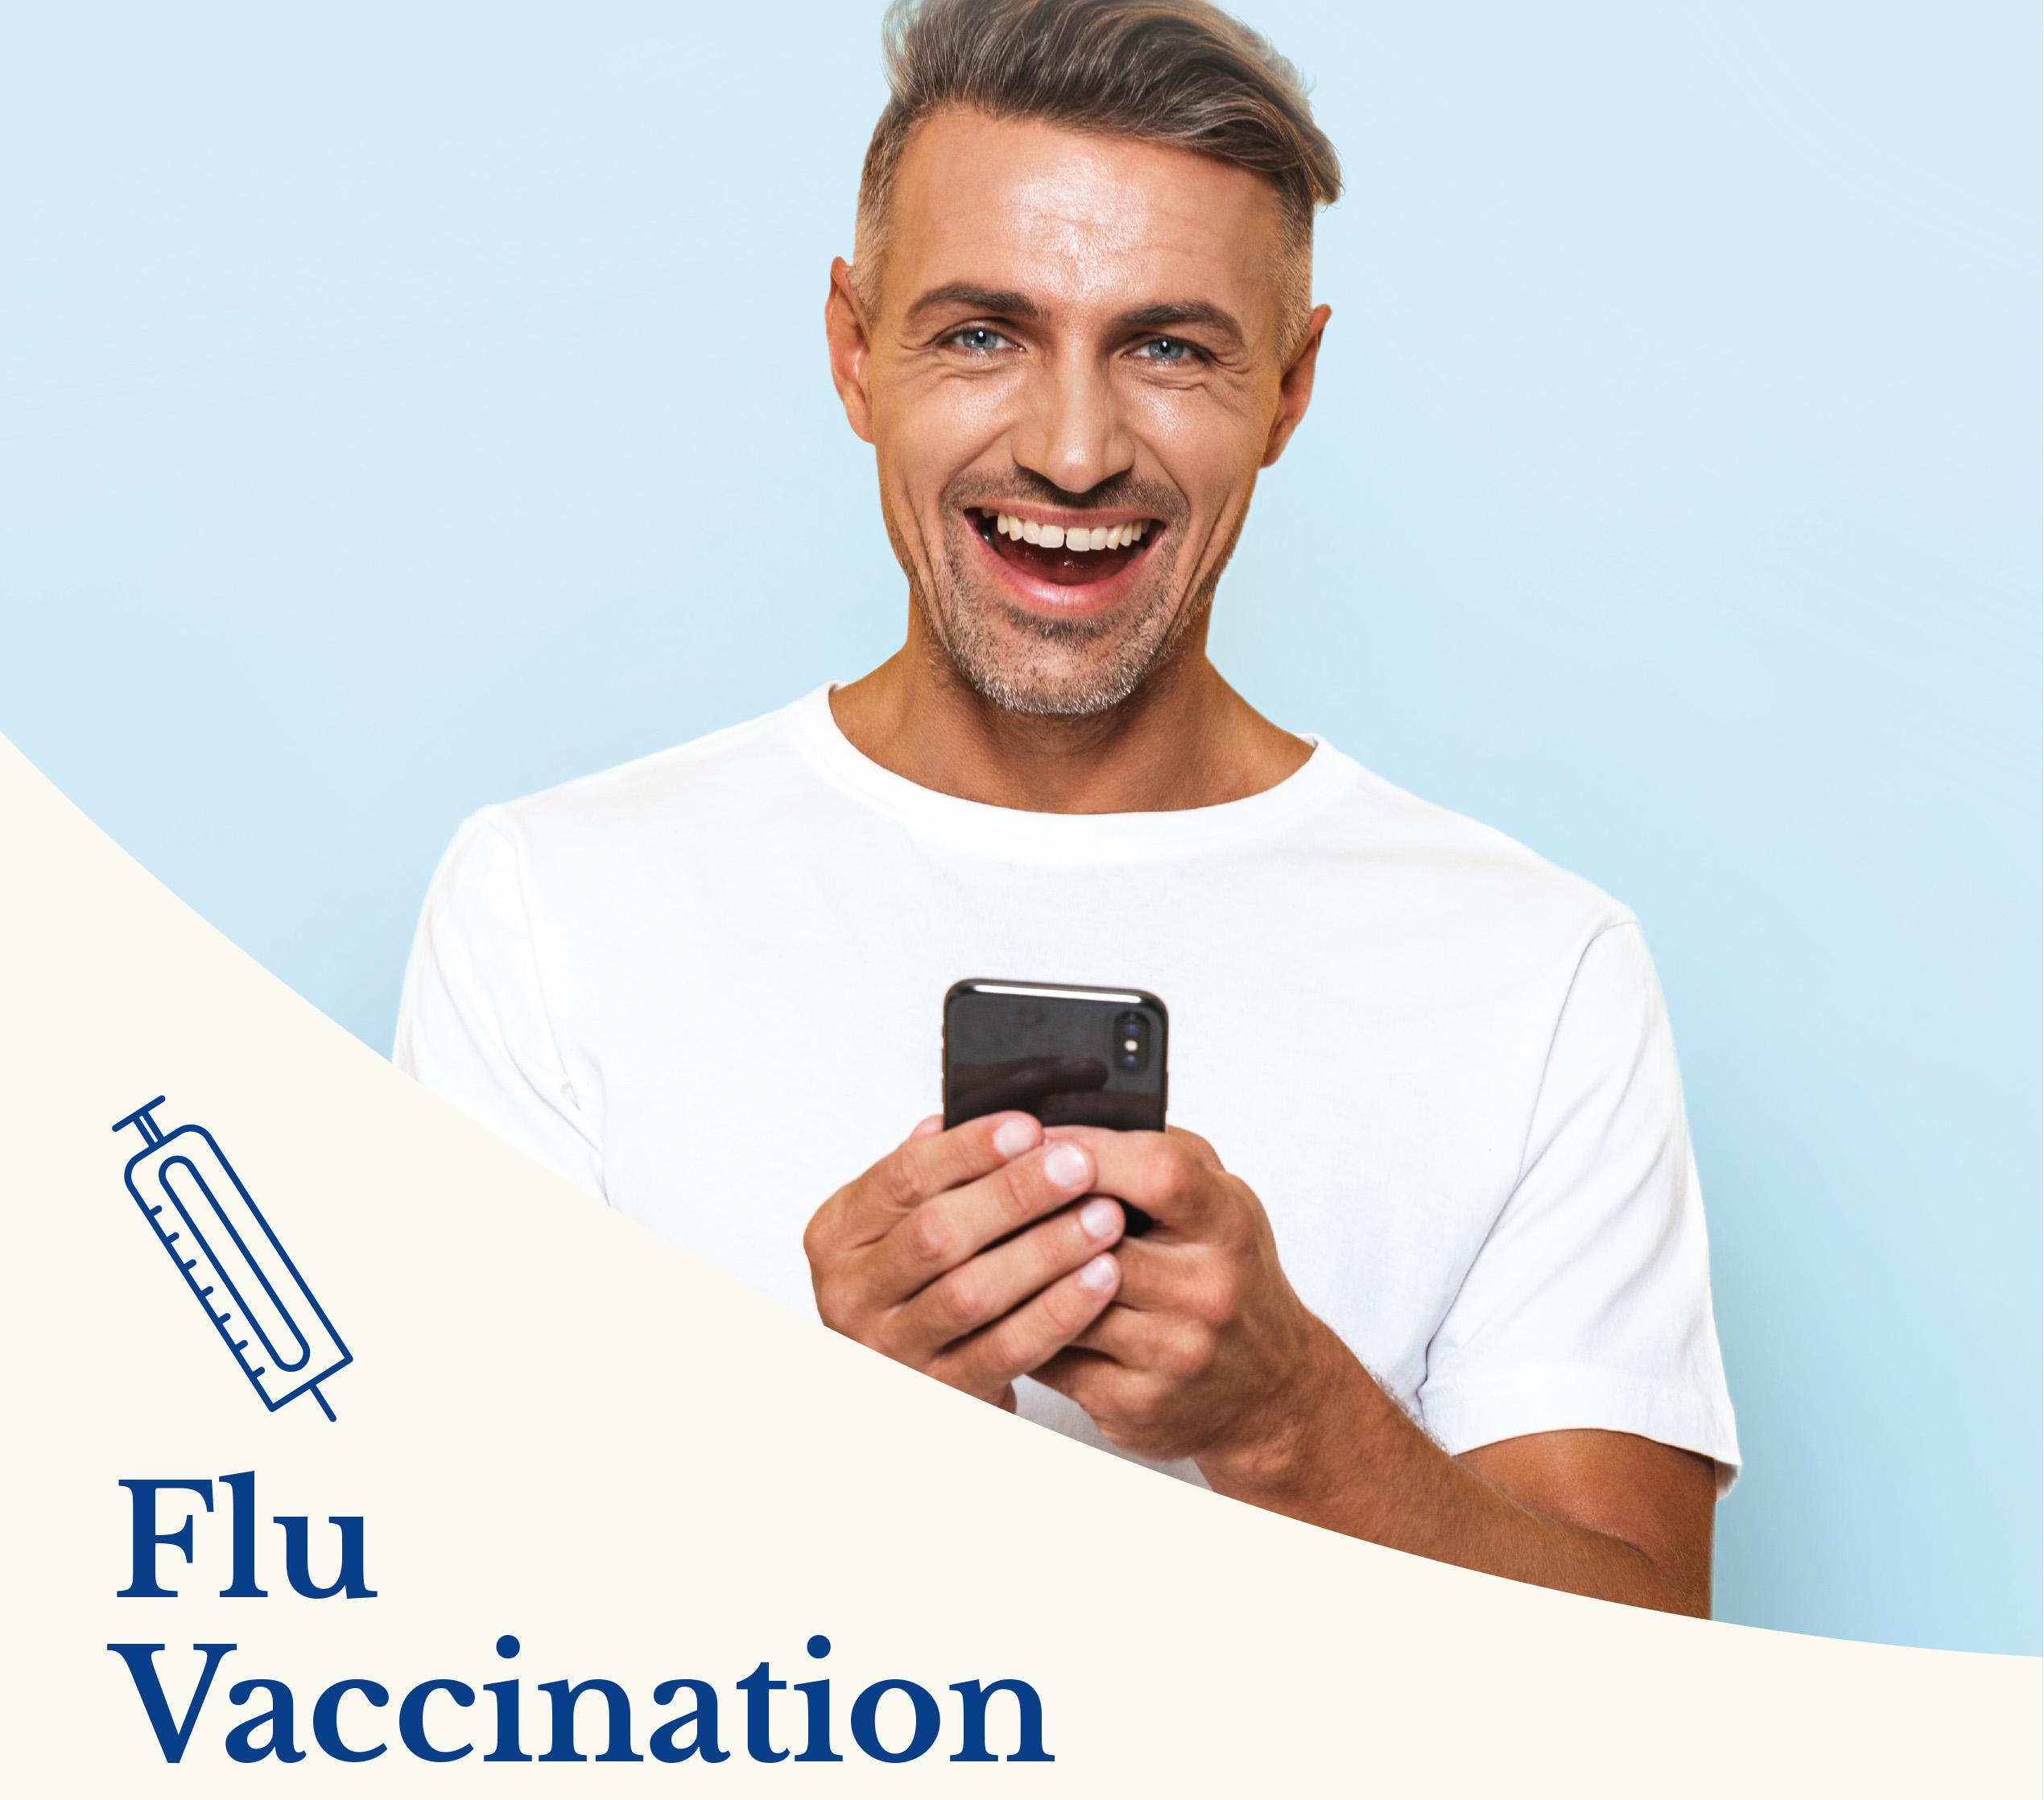 Corporate Flu Vaccination Service